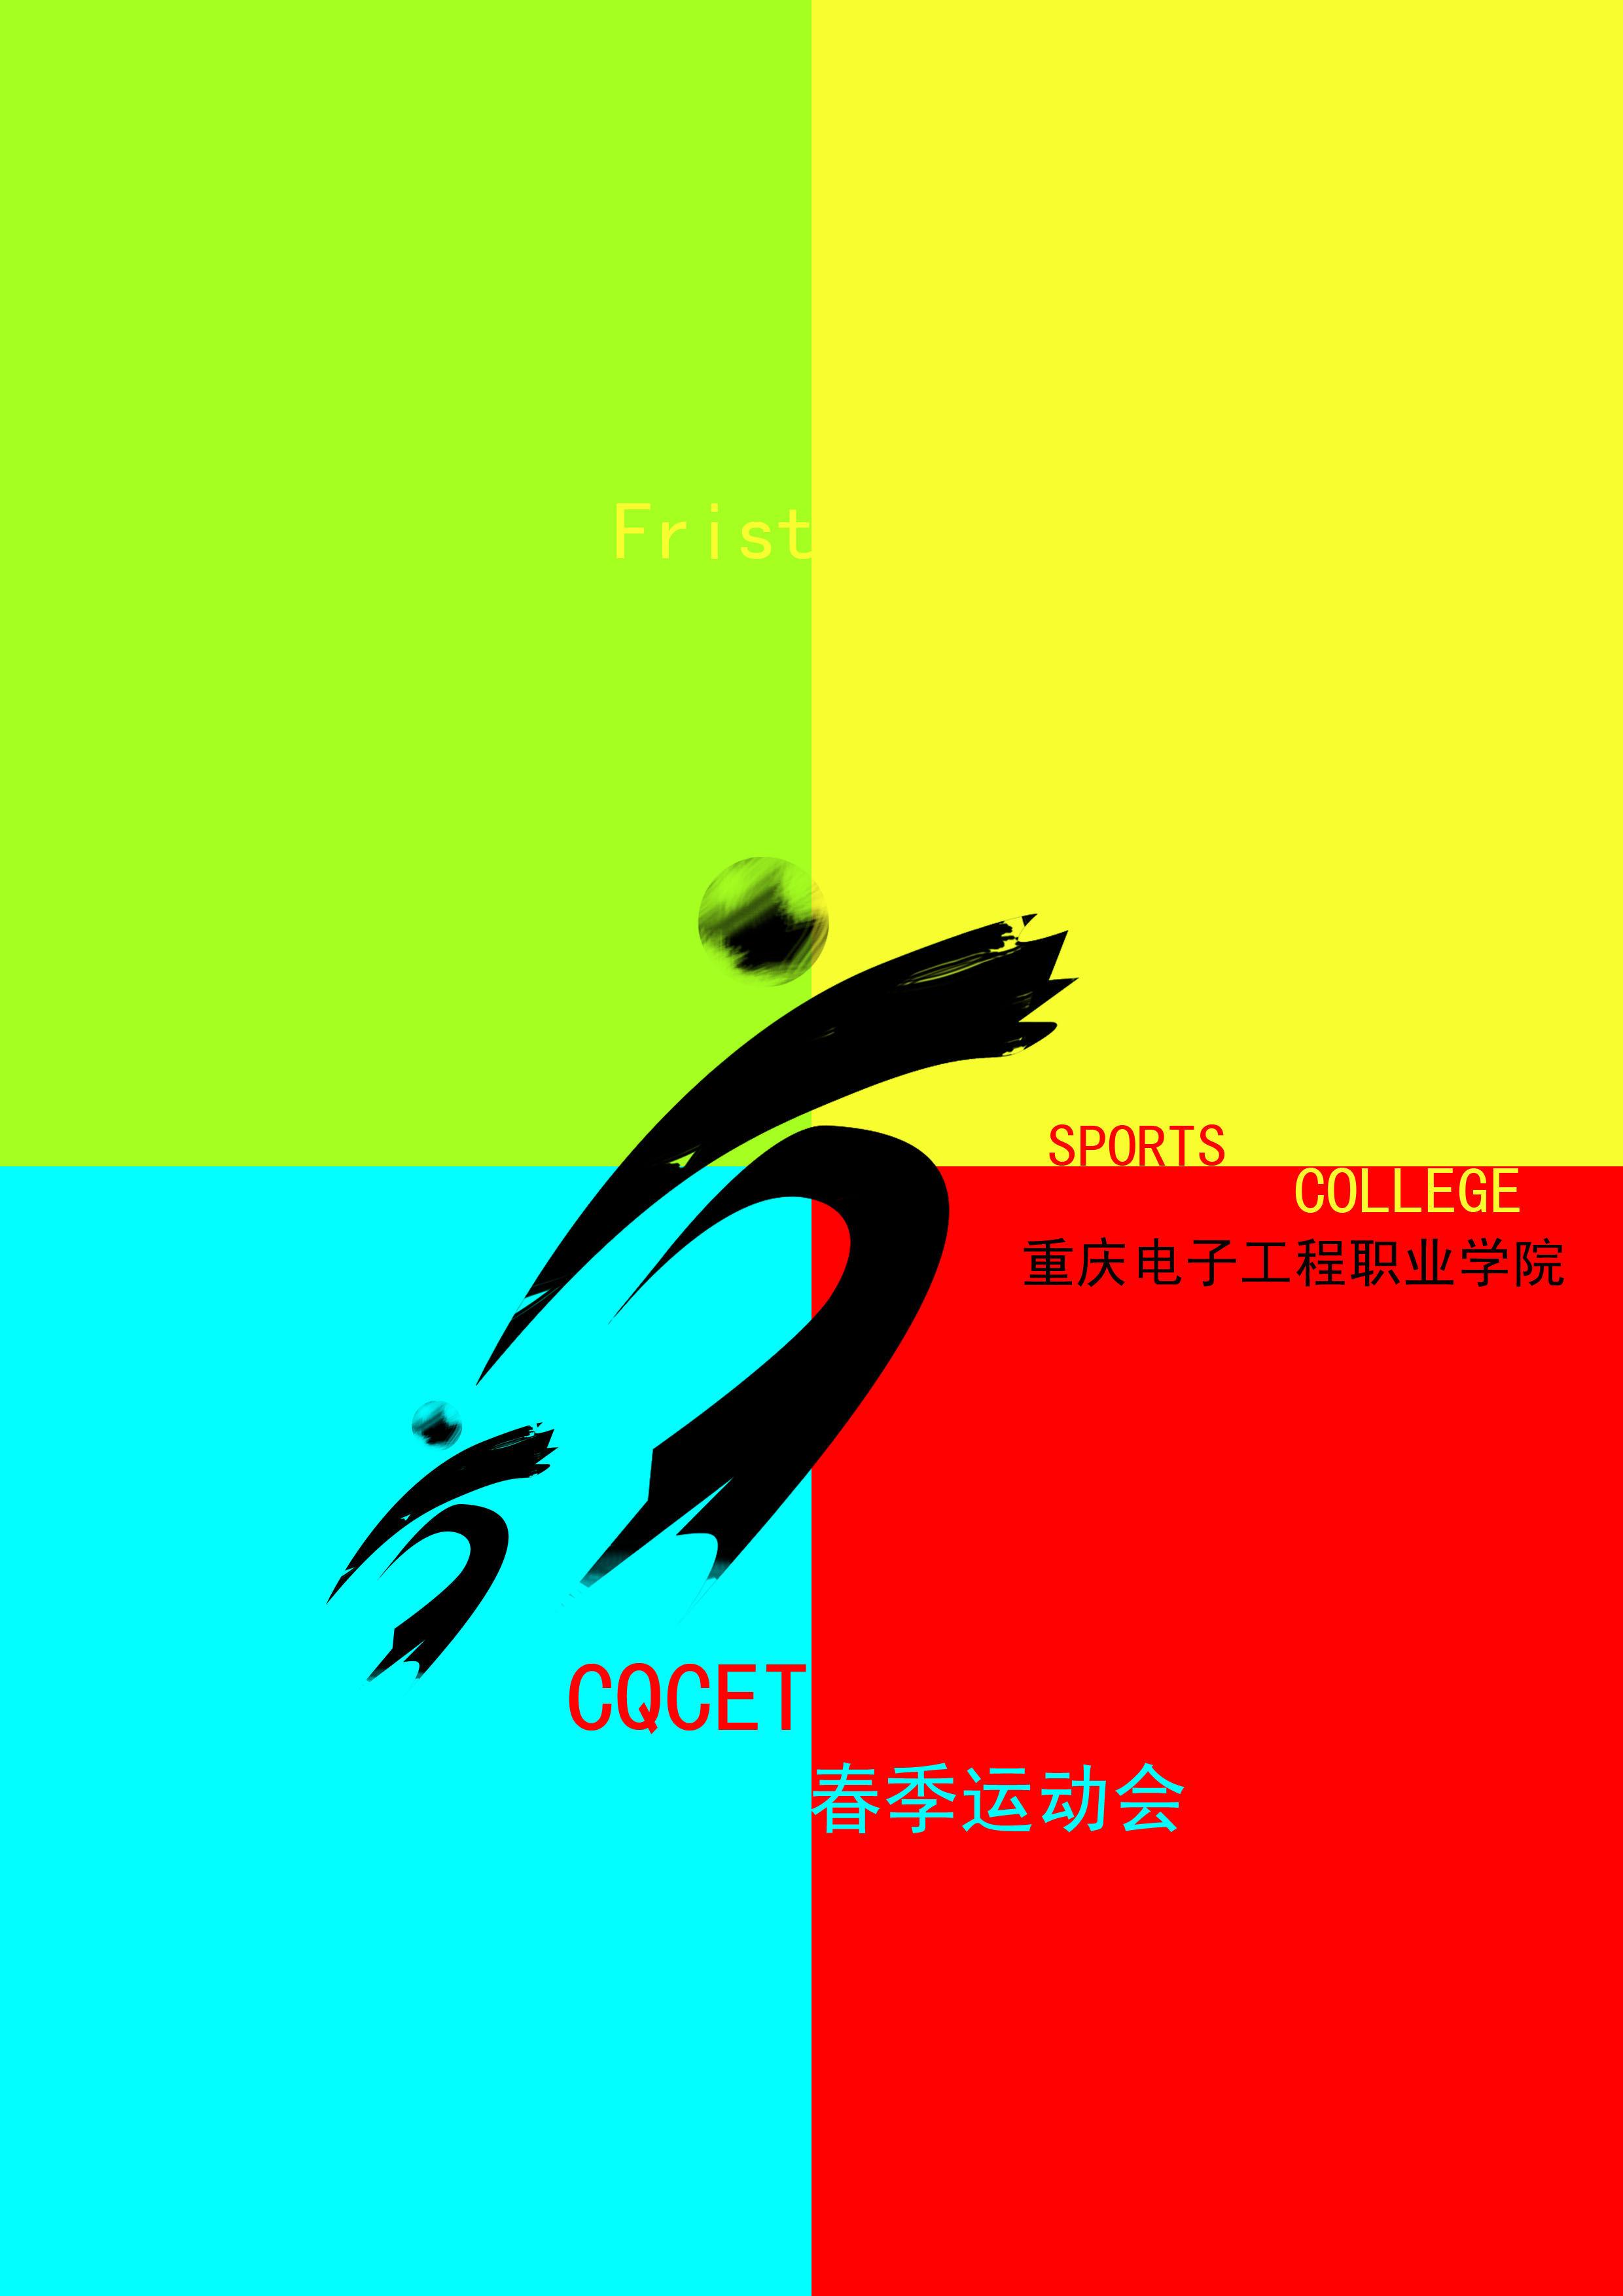 运动会海报背景素材图片分享-运动会海报背景 运动会海报背景素材 运